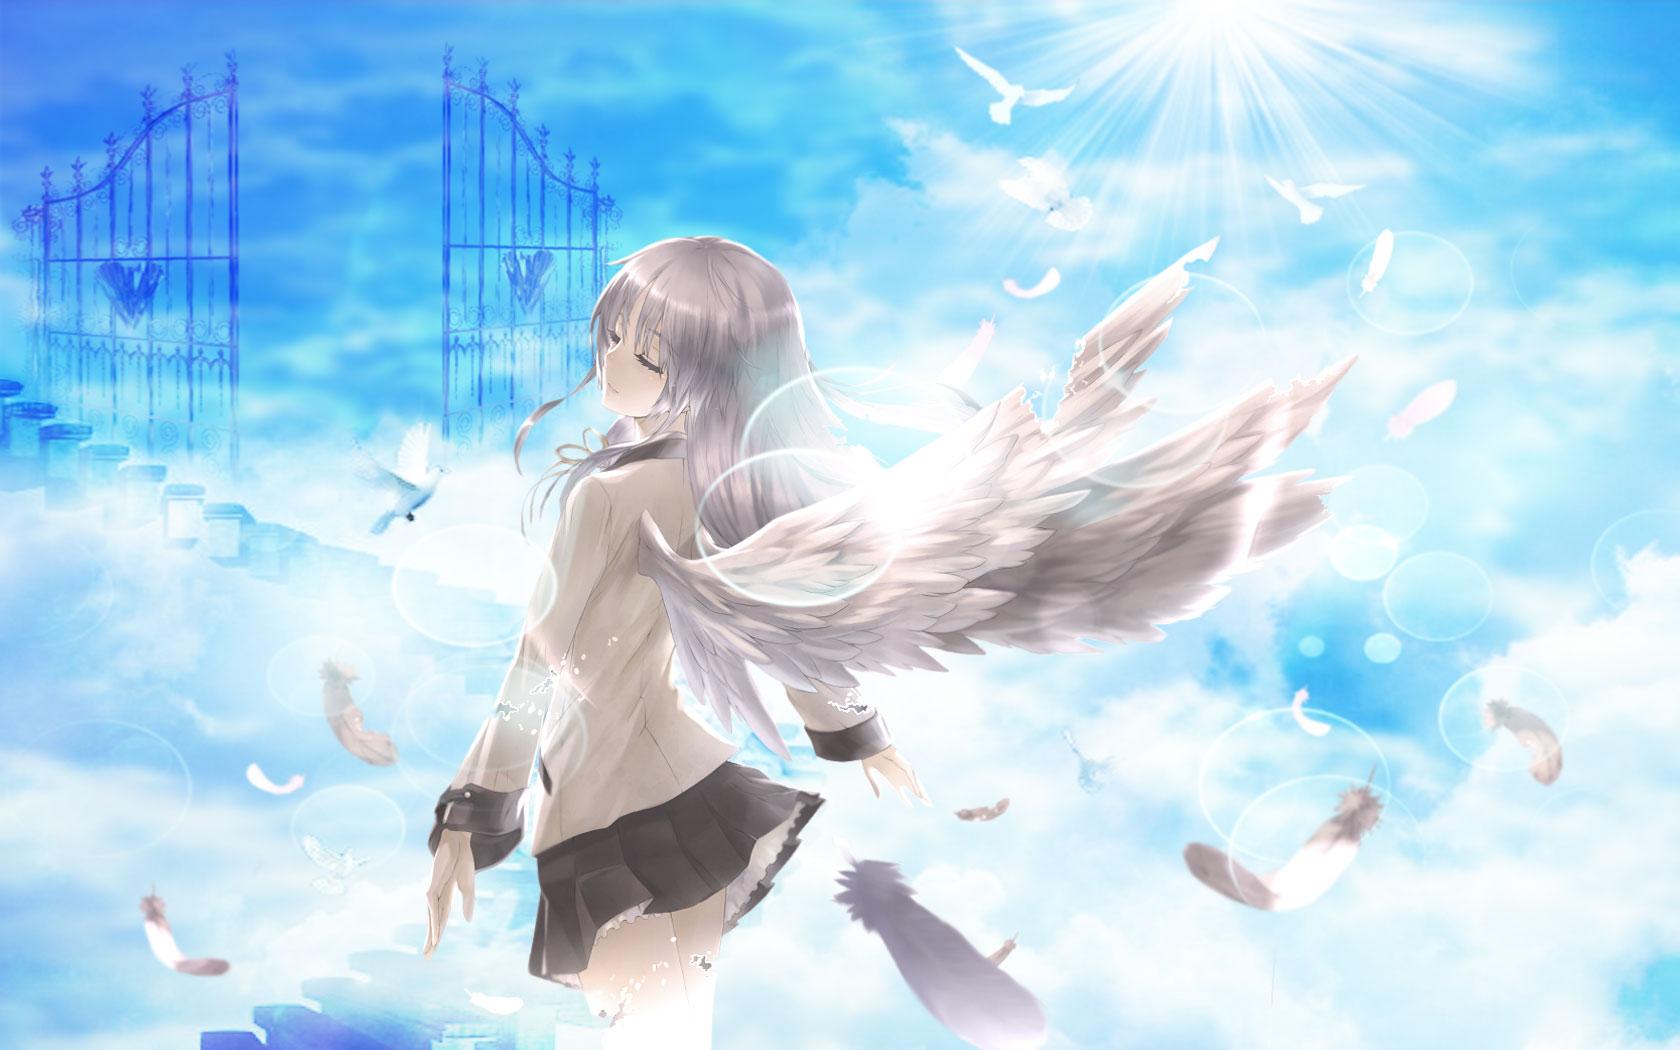 Anime Angel Wallpaper - WallpaperSafari